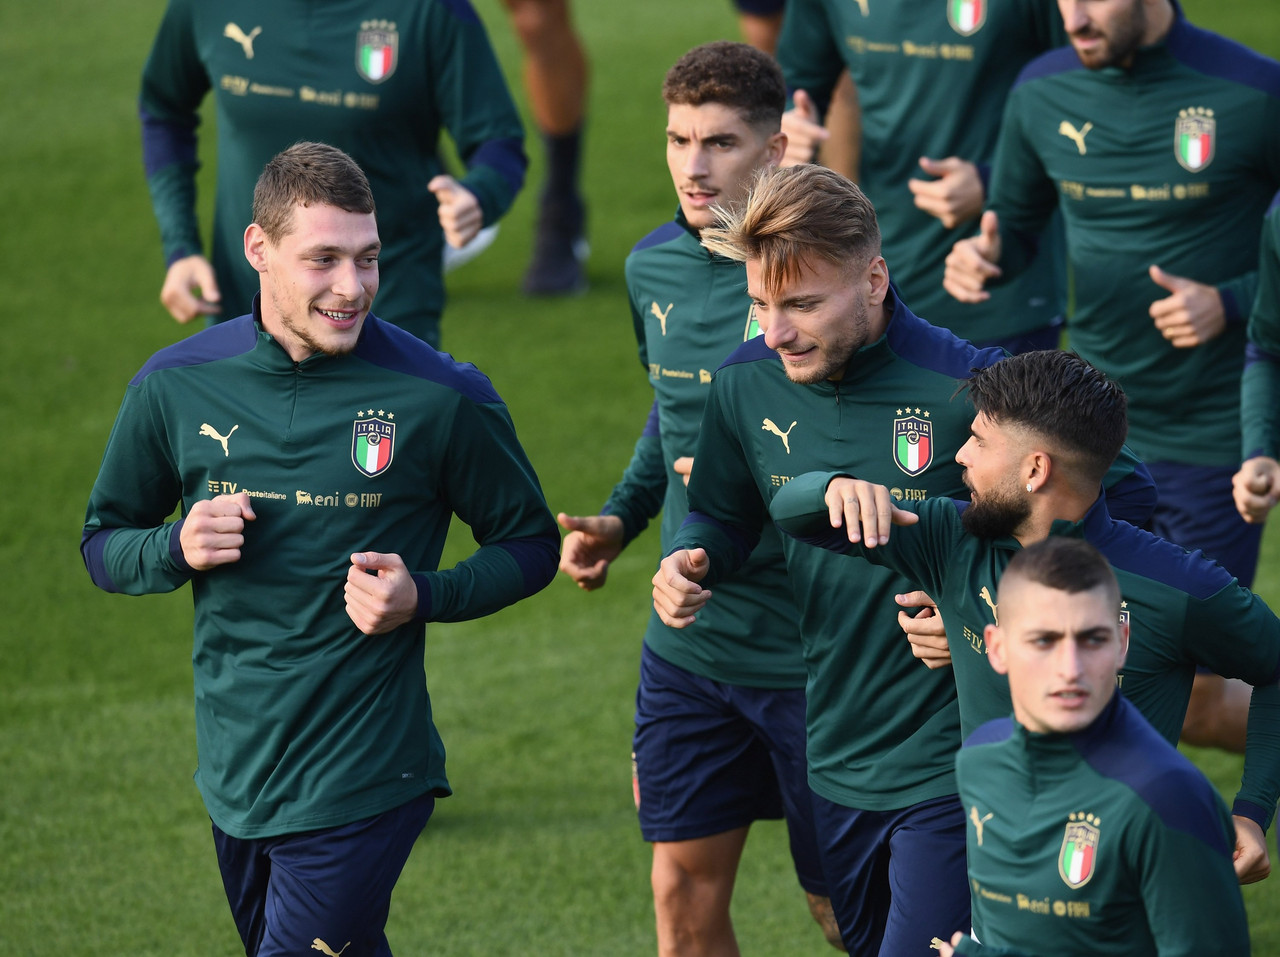 Qualificazioni Europei - L'Italia si prepara alla doppia sfida con Grecia e Liechtenstein